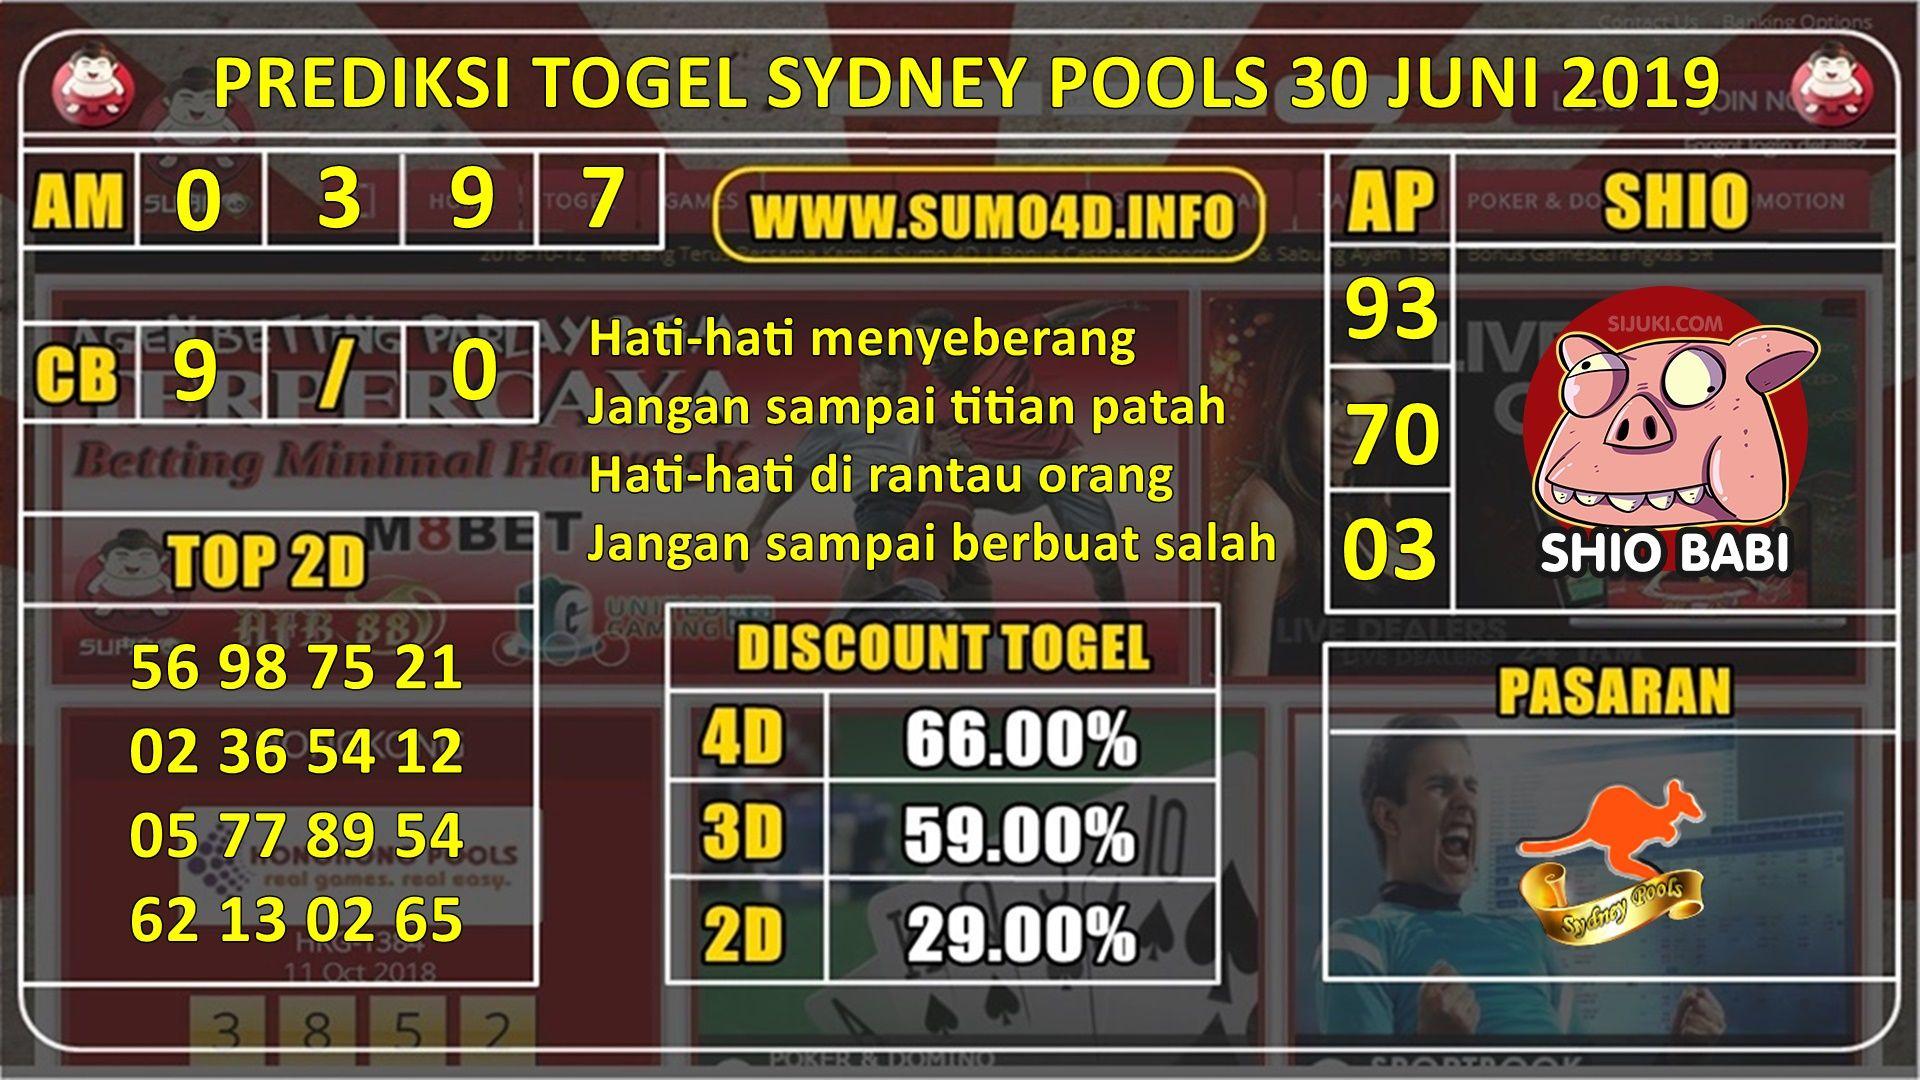 Berikut Ini Adalah Rangkuman Prediksi Hari Ini Togel Sydney Pools